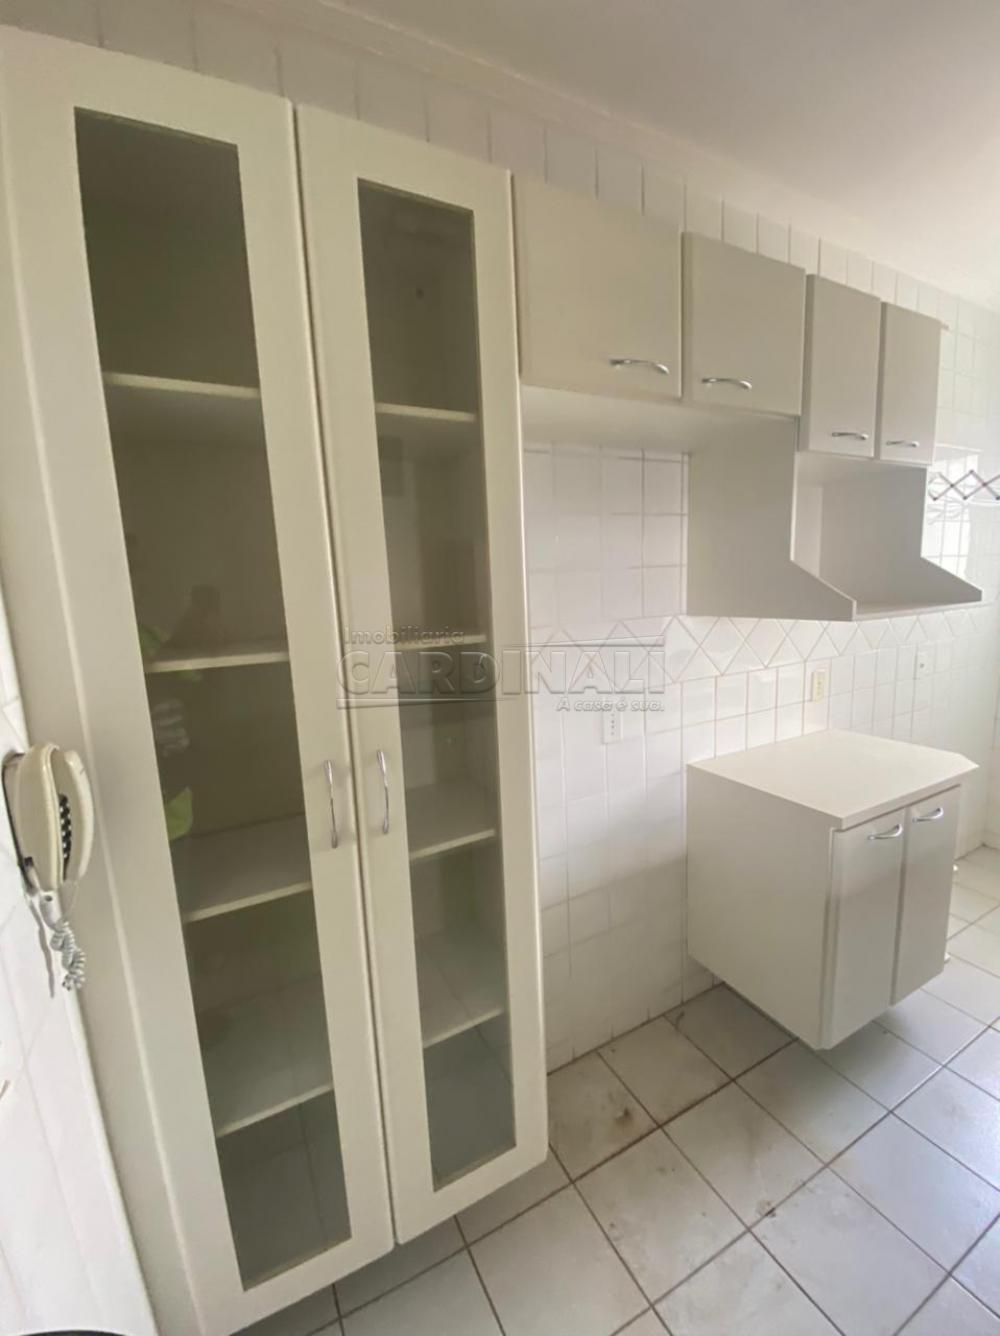 Alugar Apartamento / Padrão em São Carlos R$ 1.667,00 - Foto 12